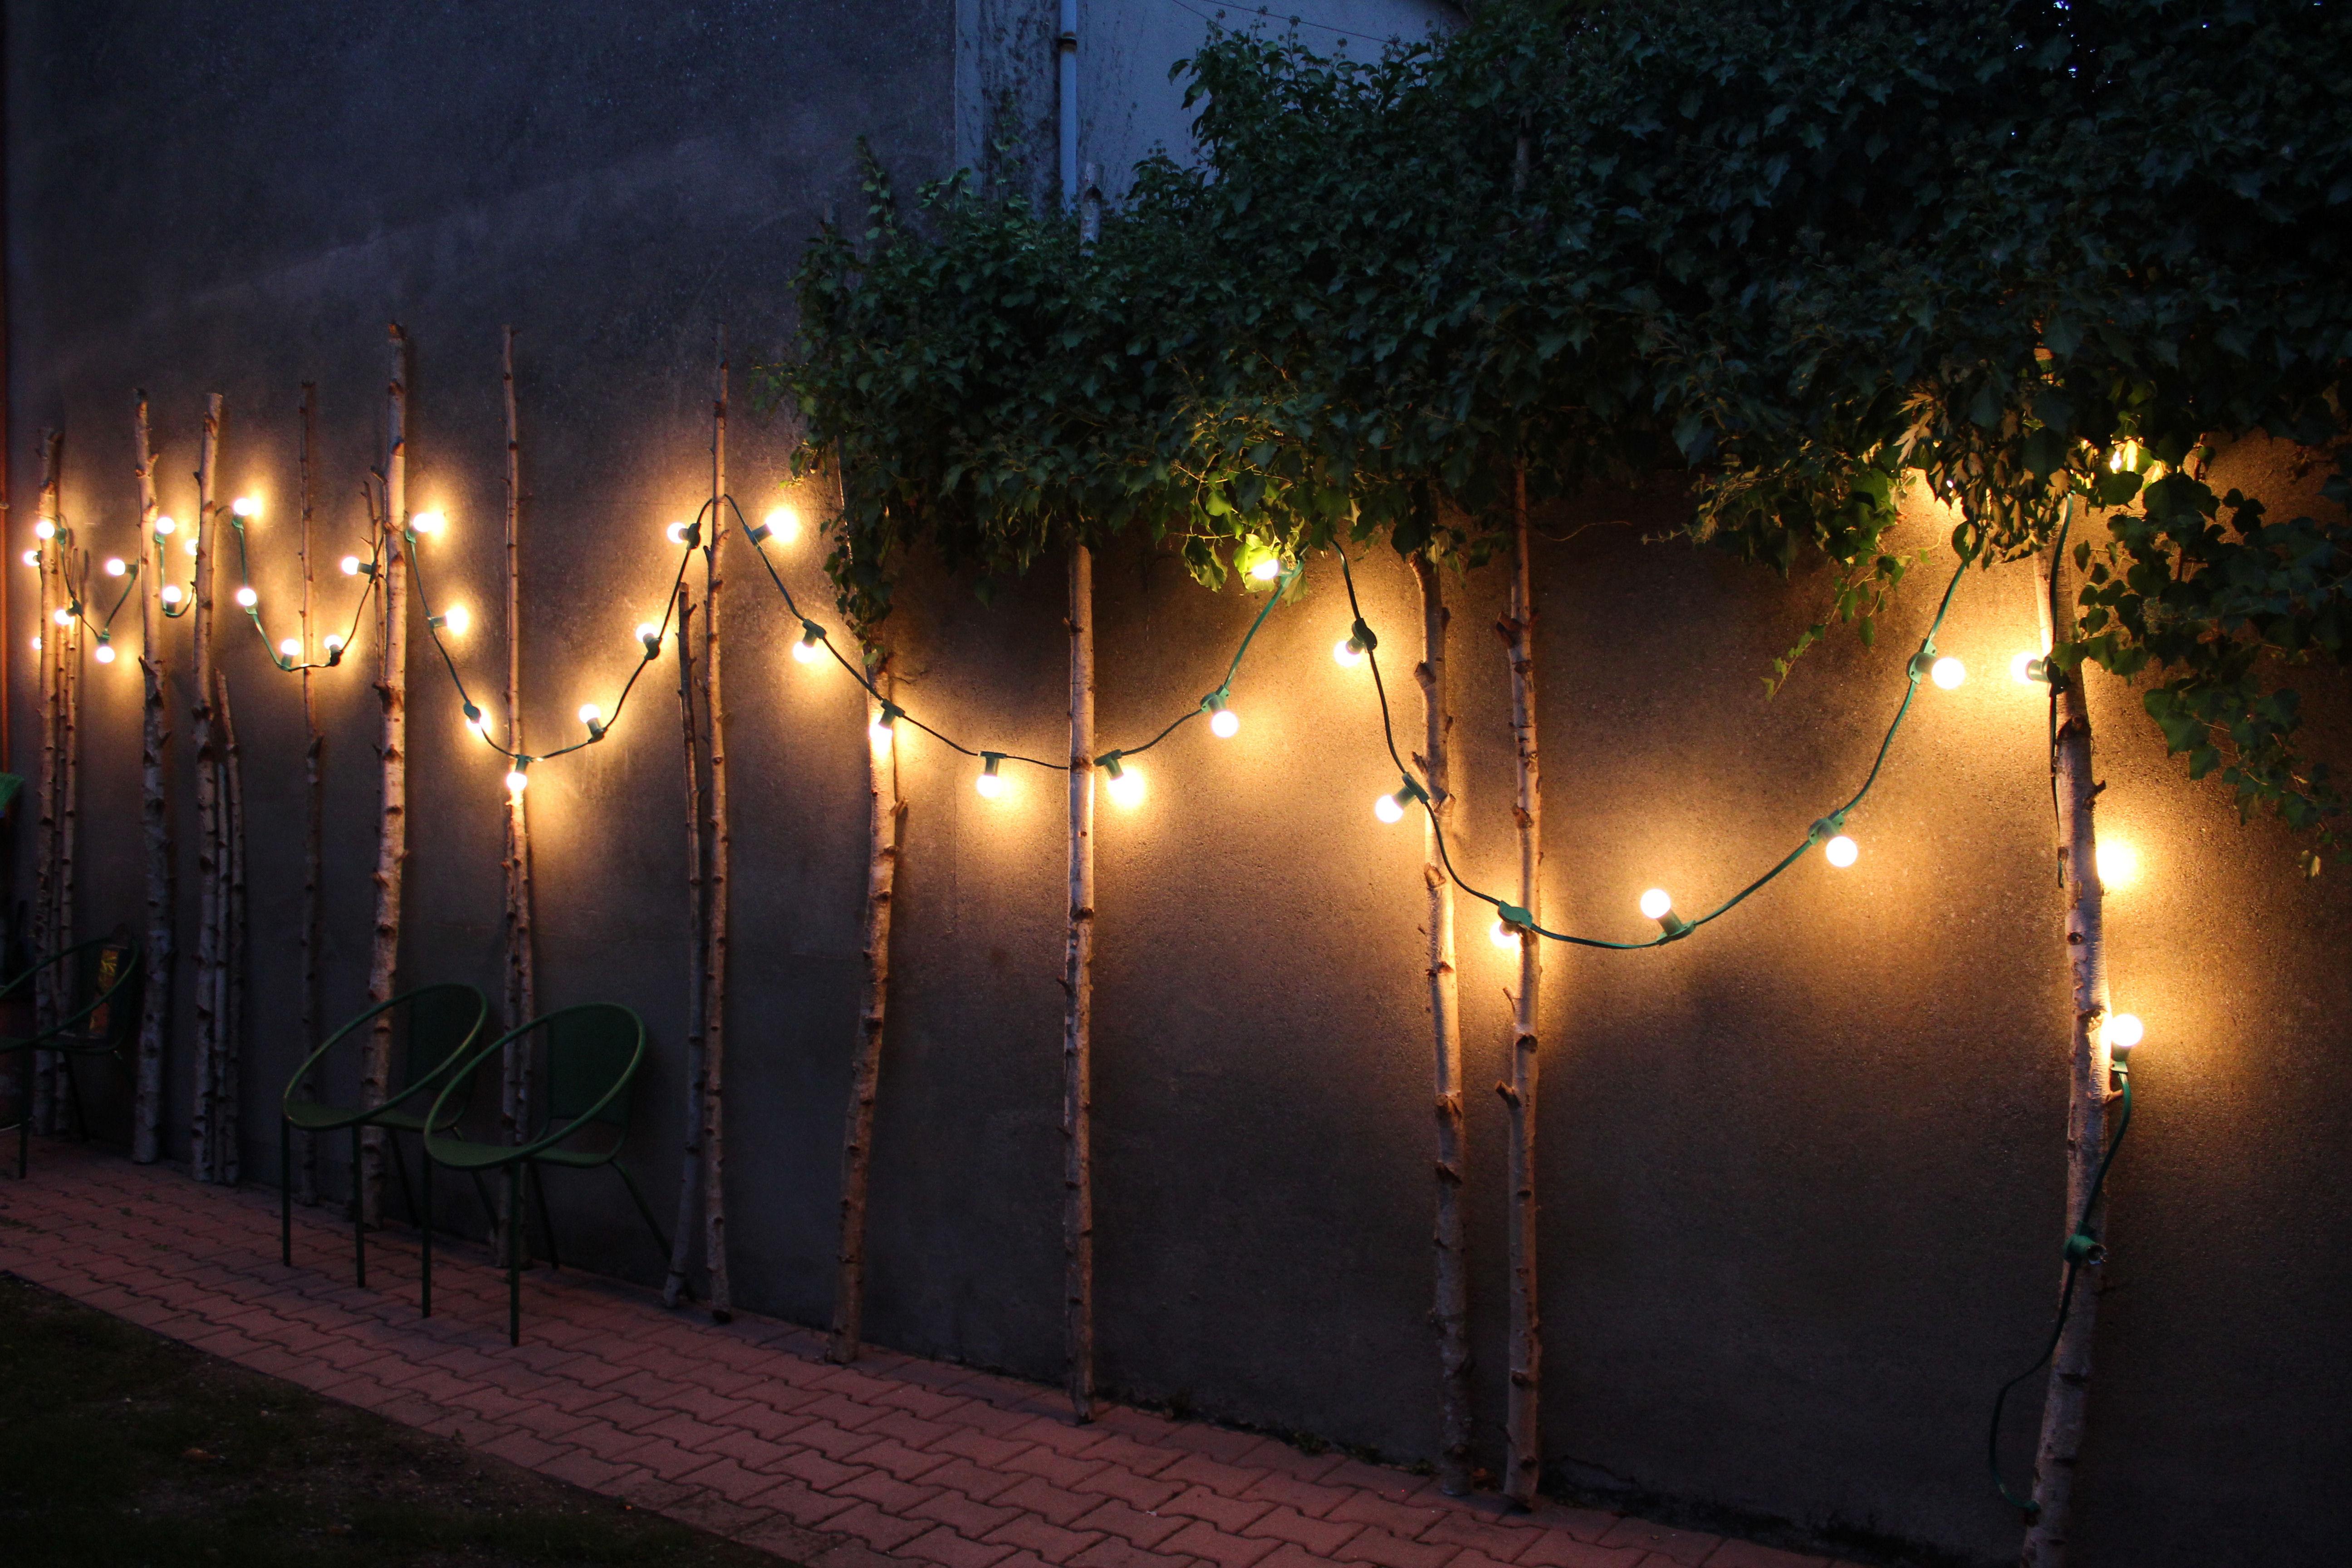 Decoration De Noel Exterieur Solaire.Decoration Lumineuse De Noel Exterieur Knotslandingonline Com